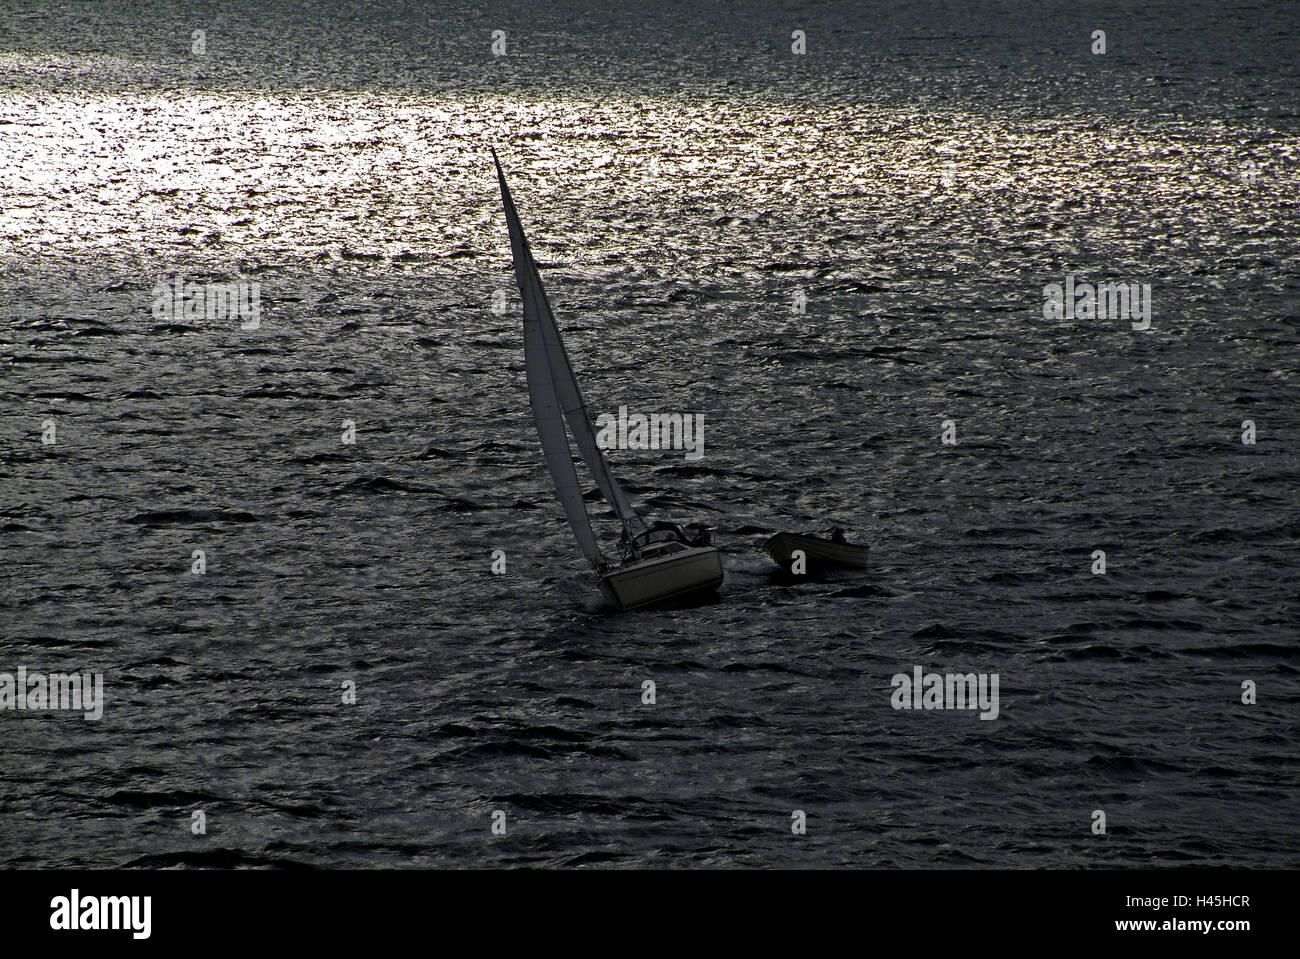 Velero, mar, retroiluminación, Imagen De Stock